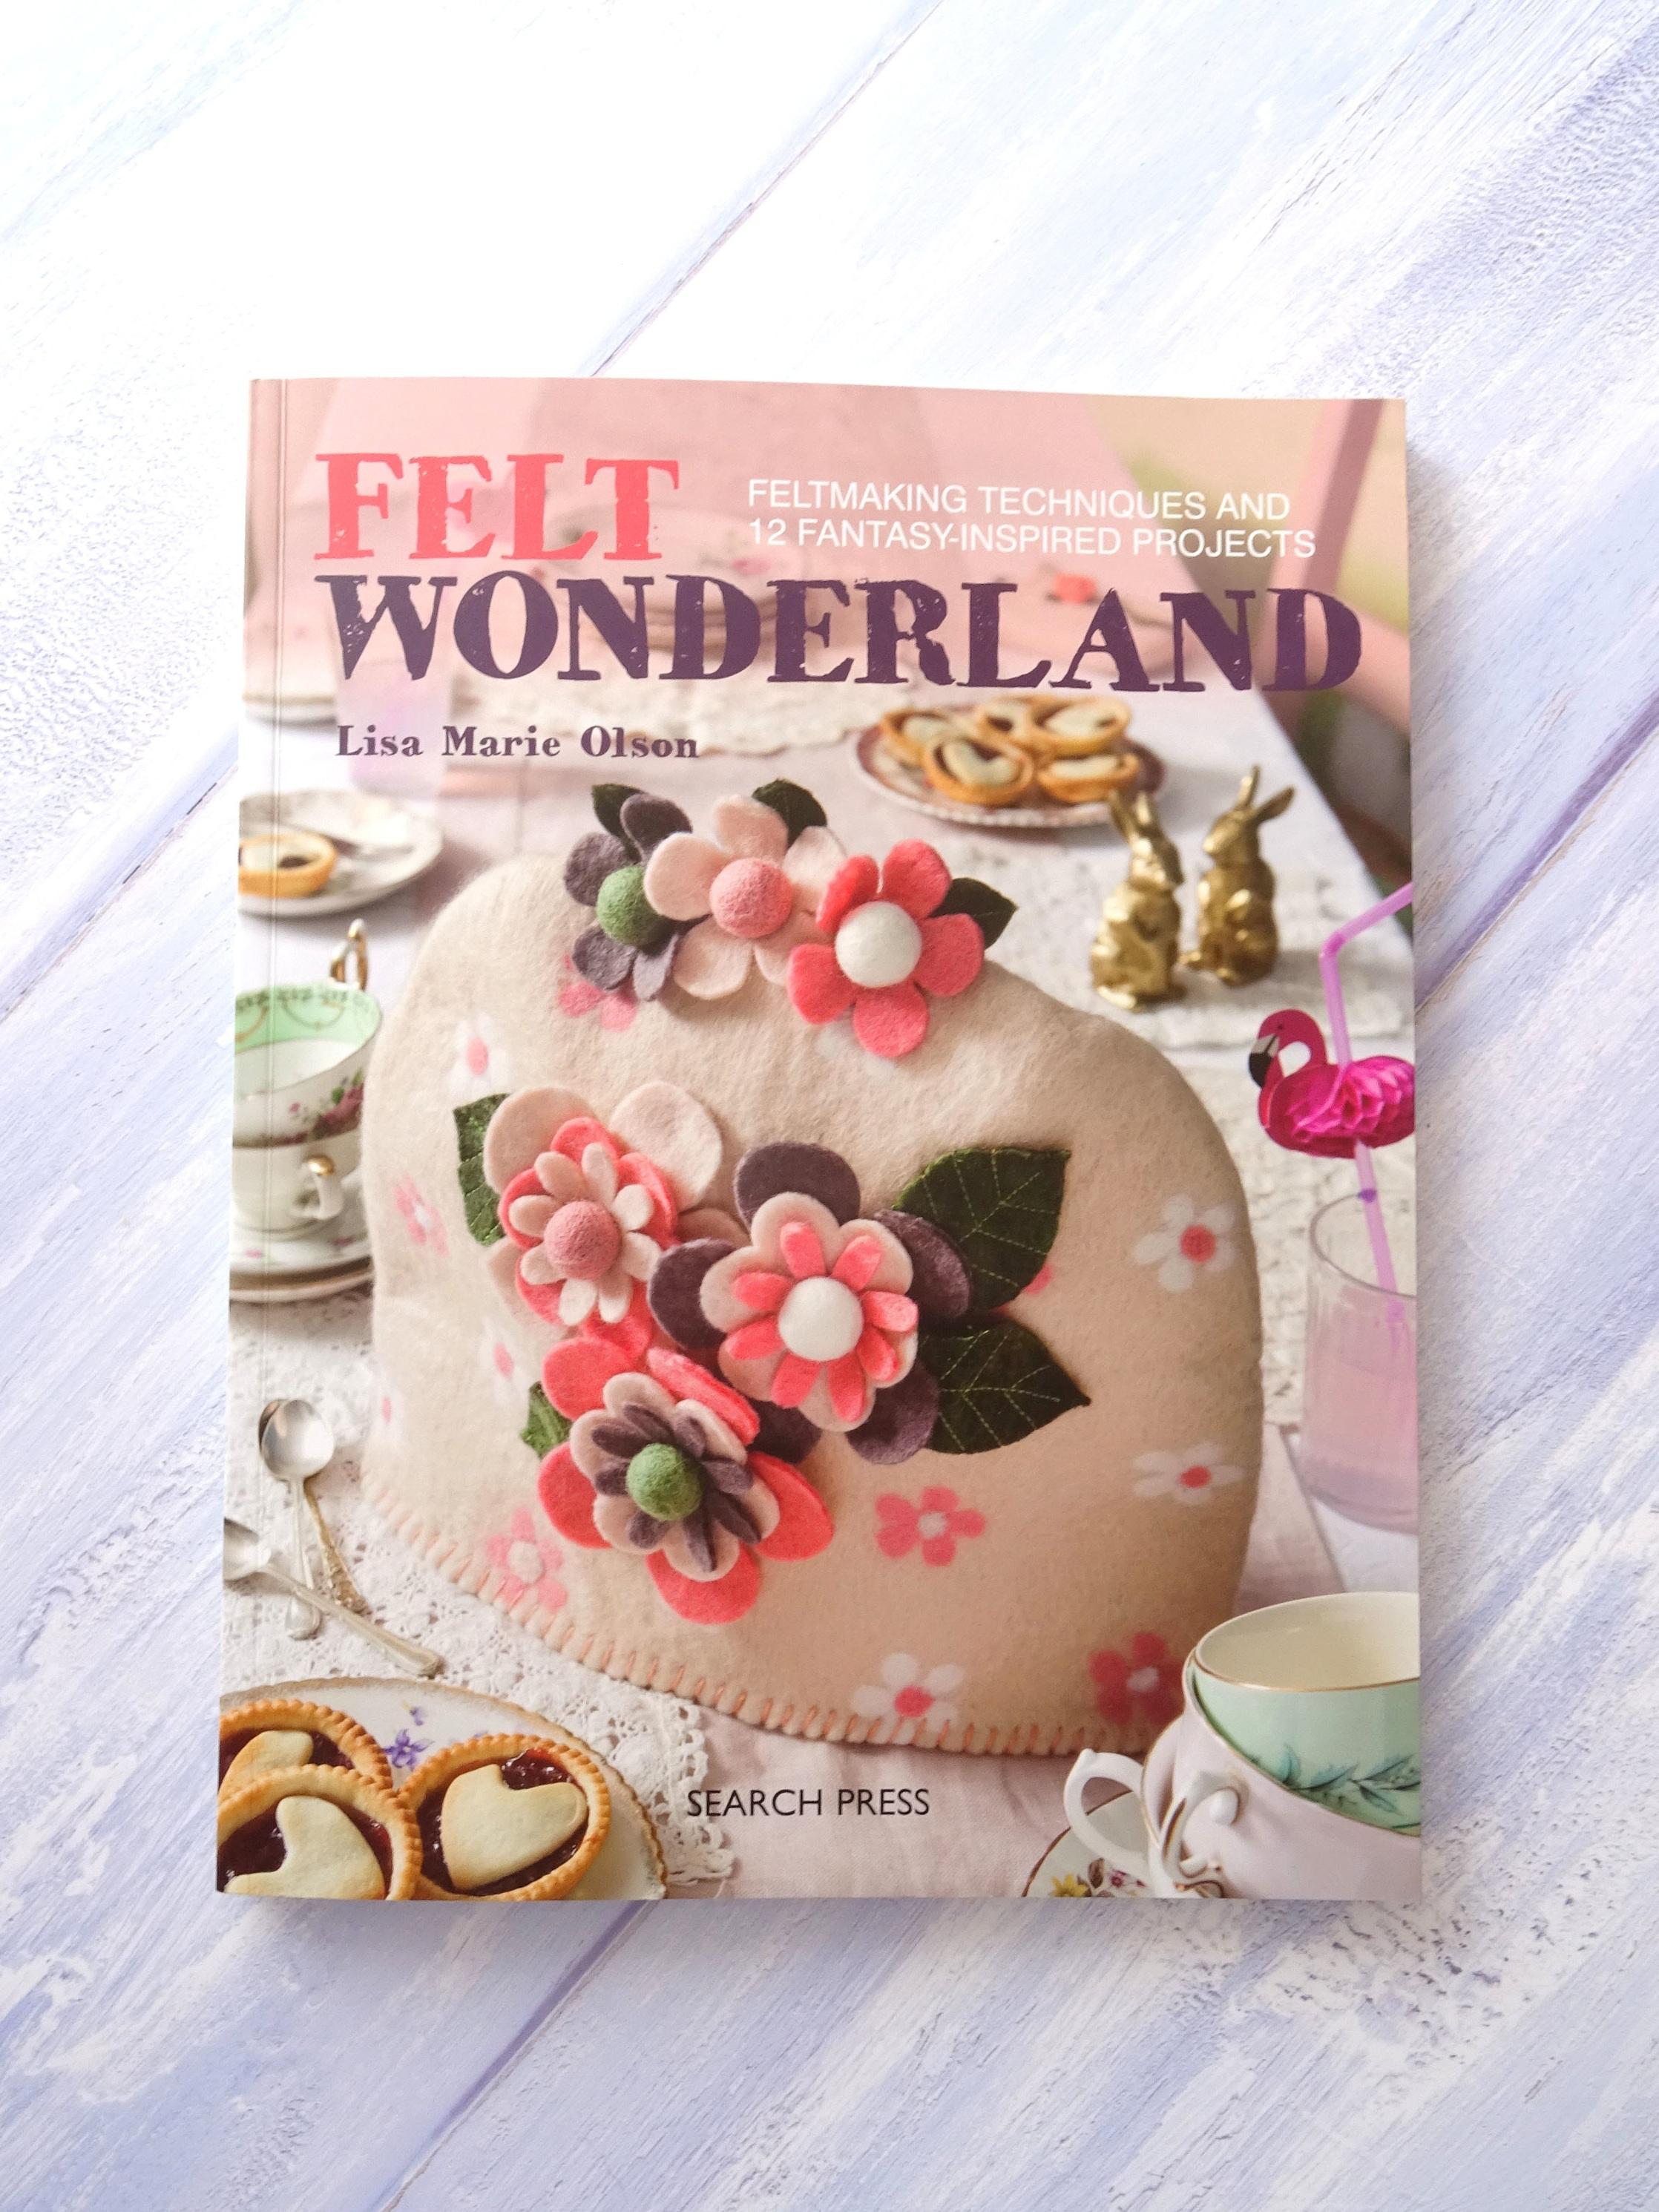 Felt Wonderland by Lisa Marie Olson £9.99